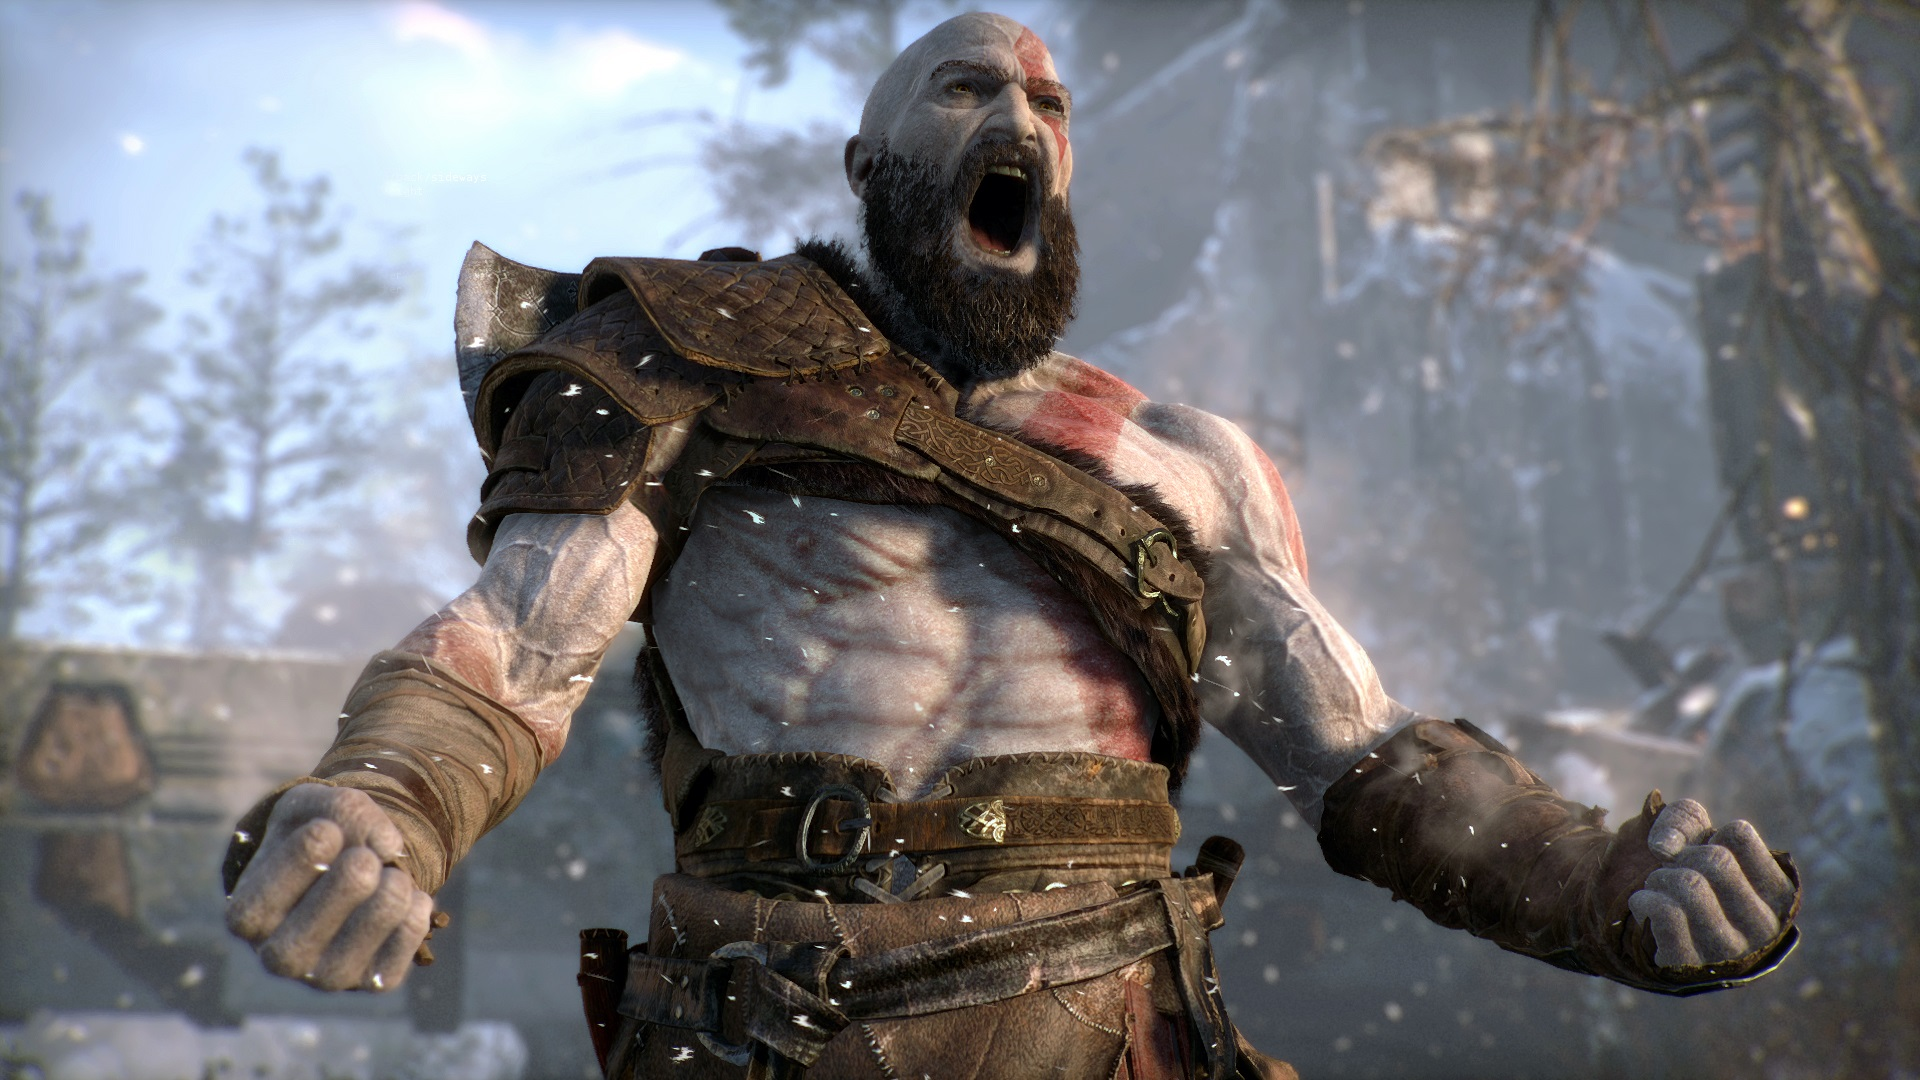 کوری بارلوگ: برای عرضه God of War لحظه شماری میکنم